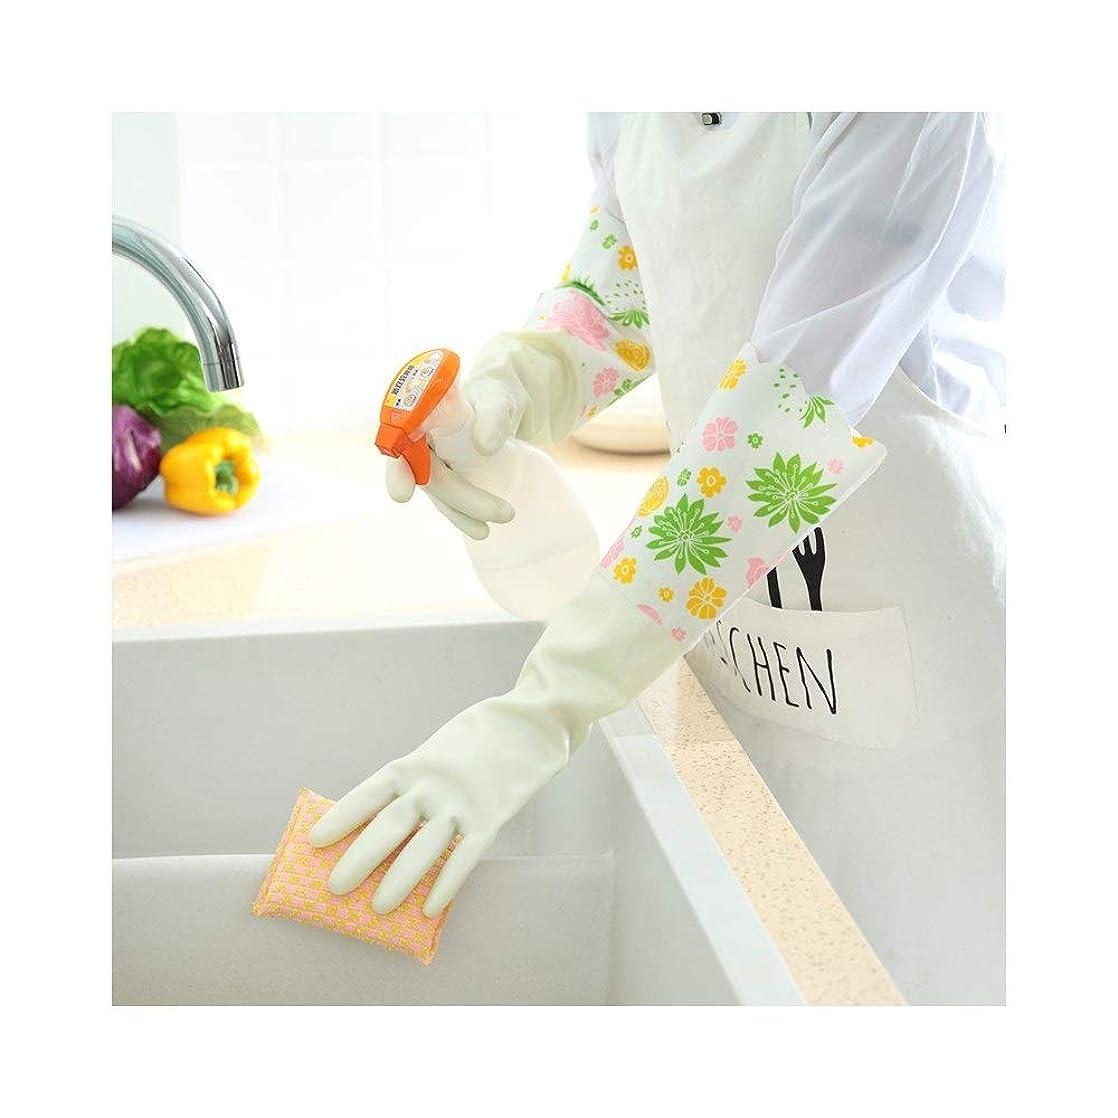 はがき等価出費ニトリルゴム手袋 キッチン用手袋防水性と耐久性のあるゴム製家事用手袋、1ペア 使い捨て手袋 (Color : GREEN, Size : L)